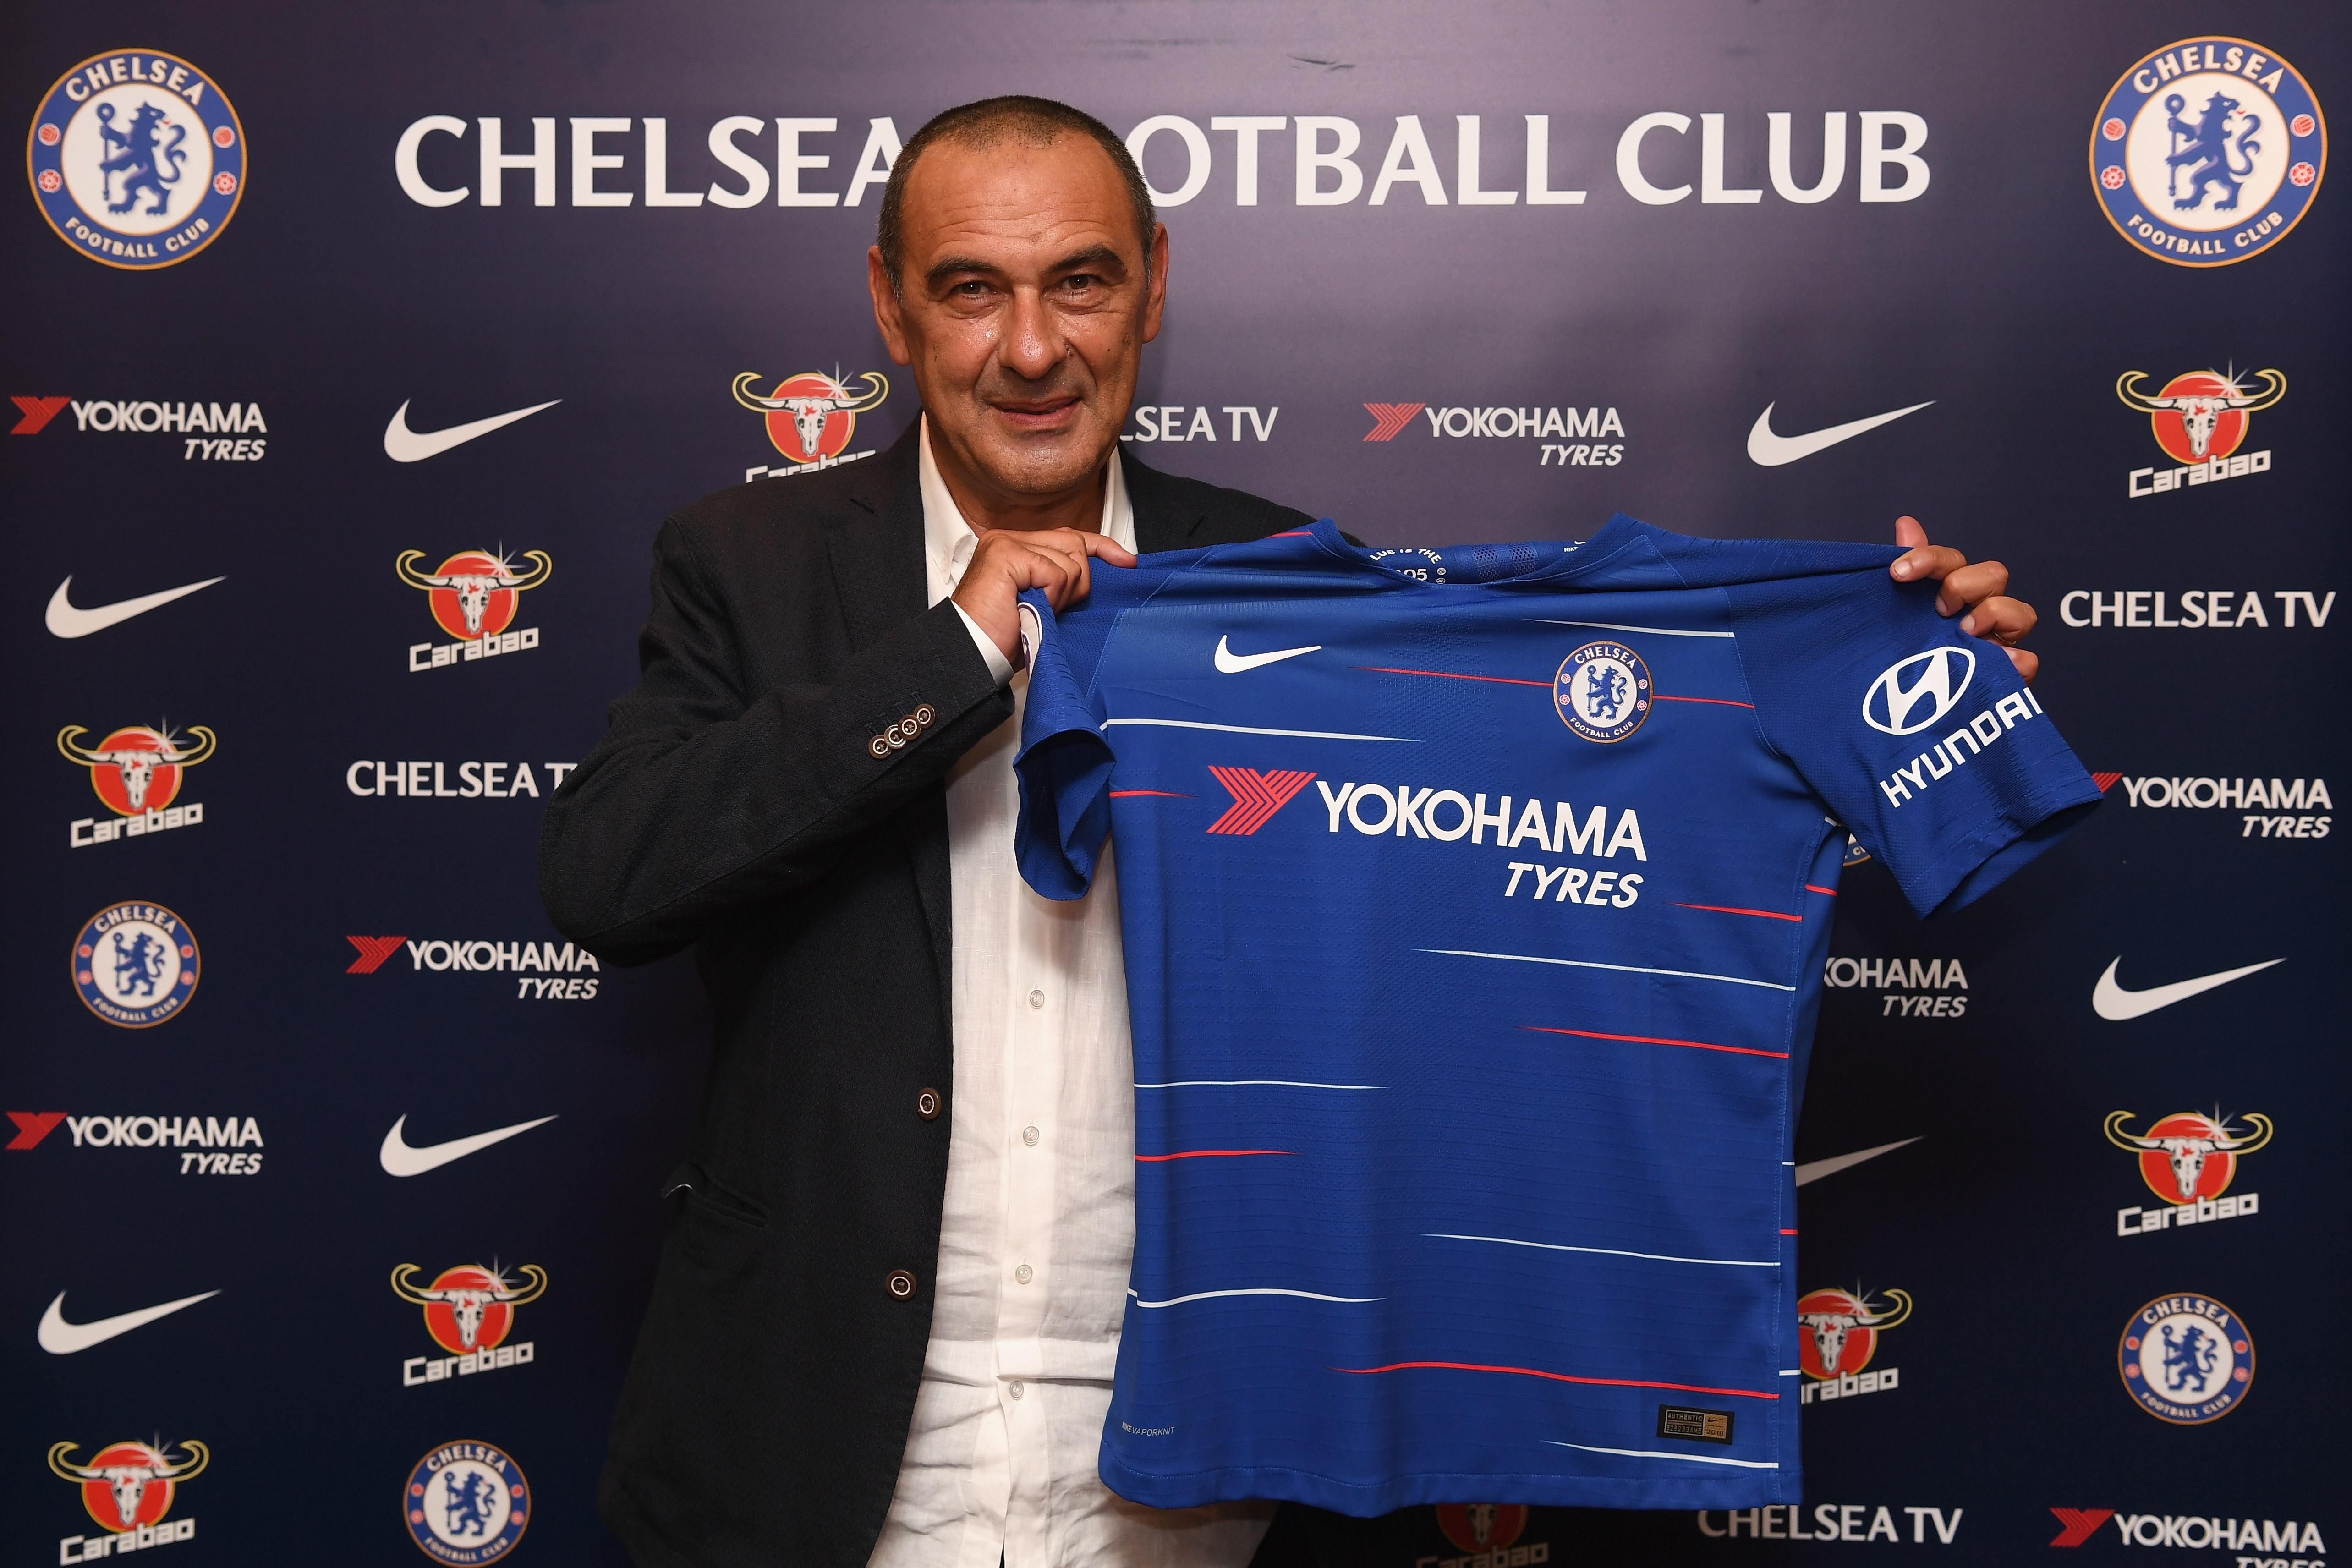 preml.ge - Chelsea appoint Sarri as head coach